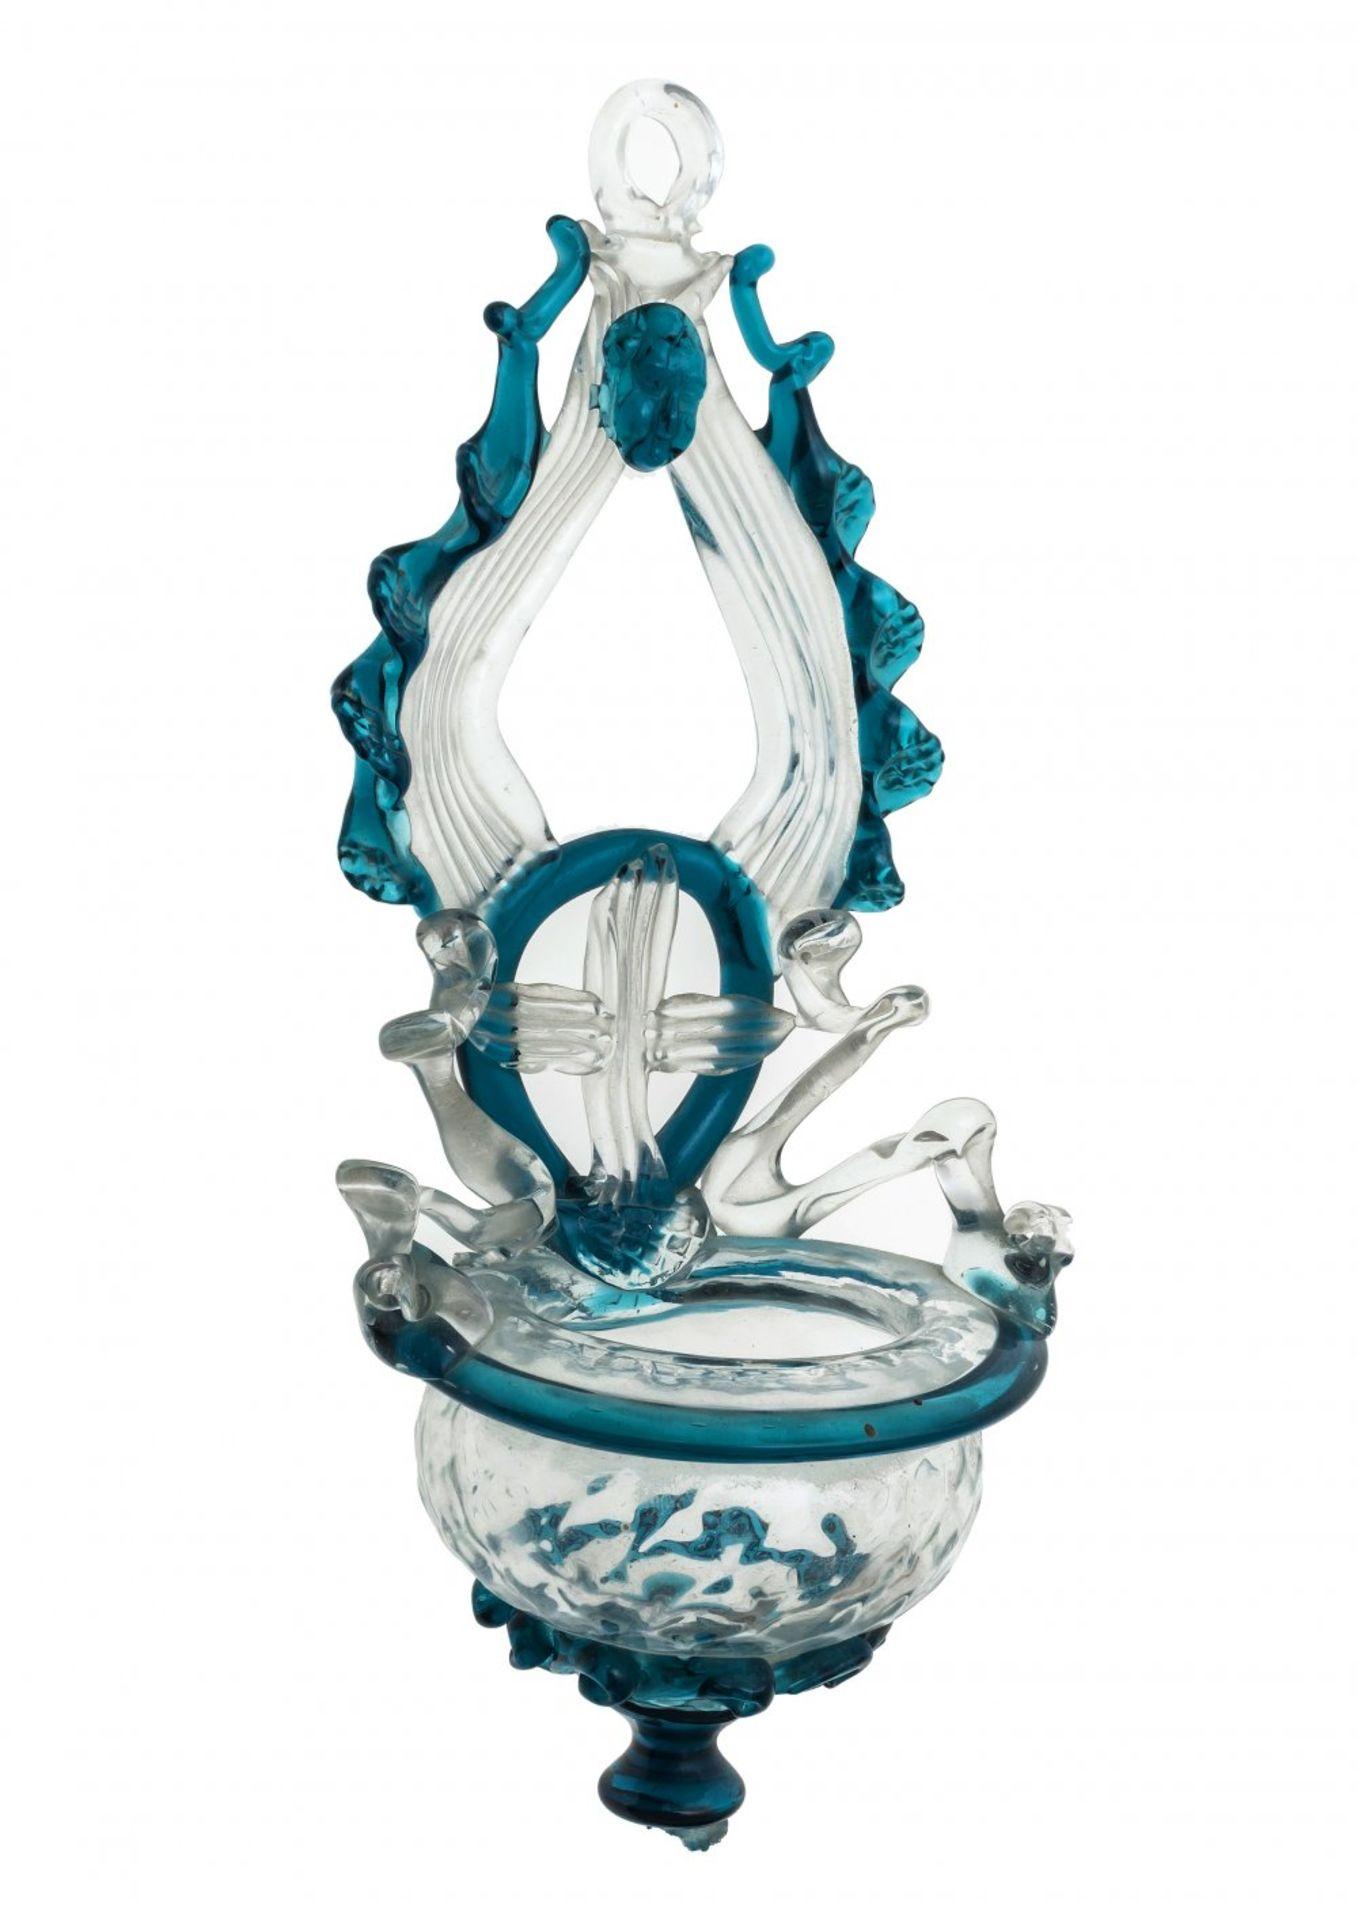 Los 46 - Weihwasserbehälter (Weihbrunn)Glas. Südtirol, 19. Jh. H. 21,5 cm.